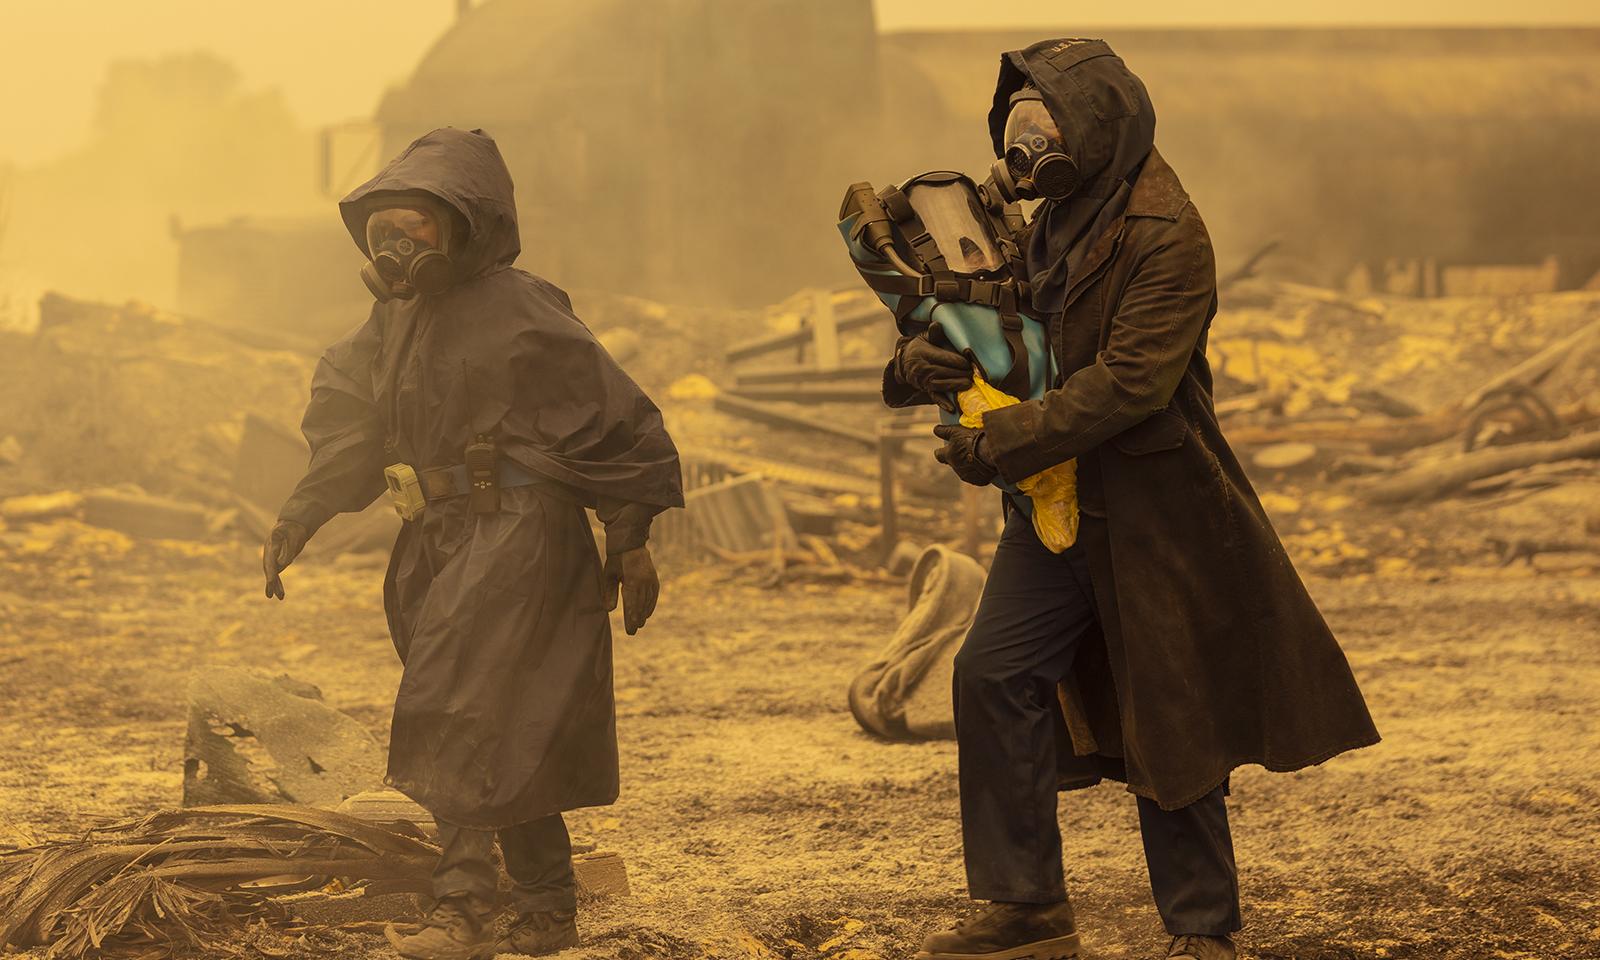 Morgan, Grace e o bebê deixando o submarino no episódio 2 da 7ª temporada de Fear the Walking Dead.